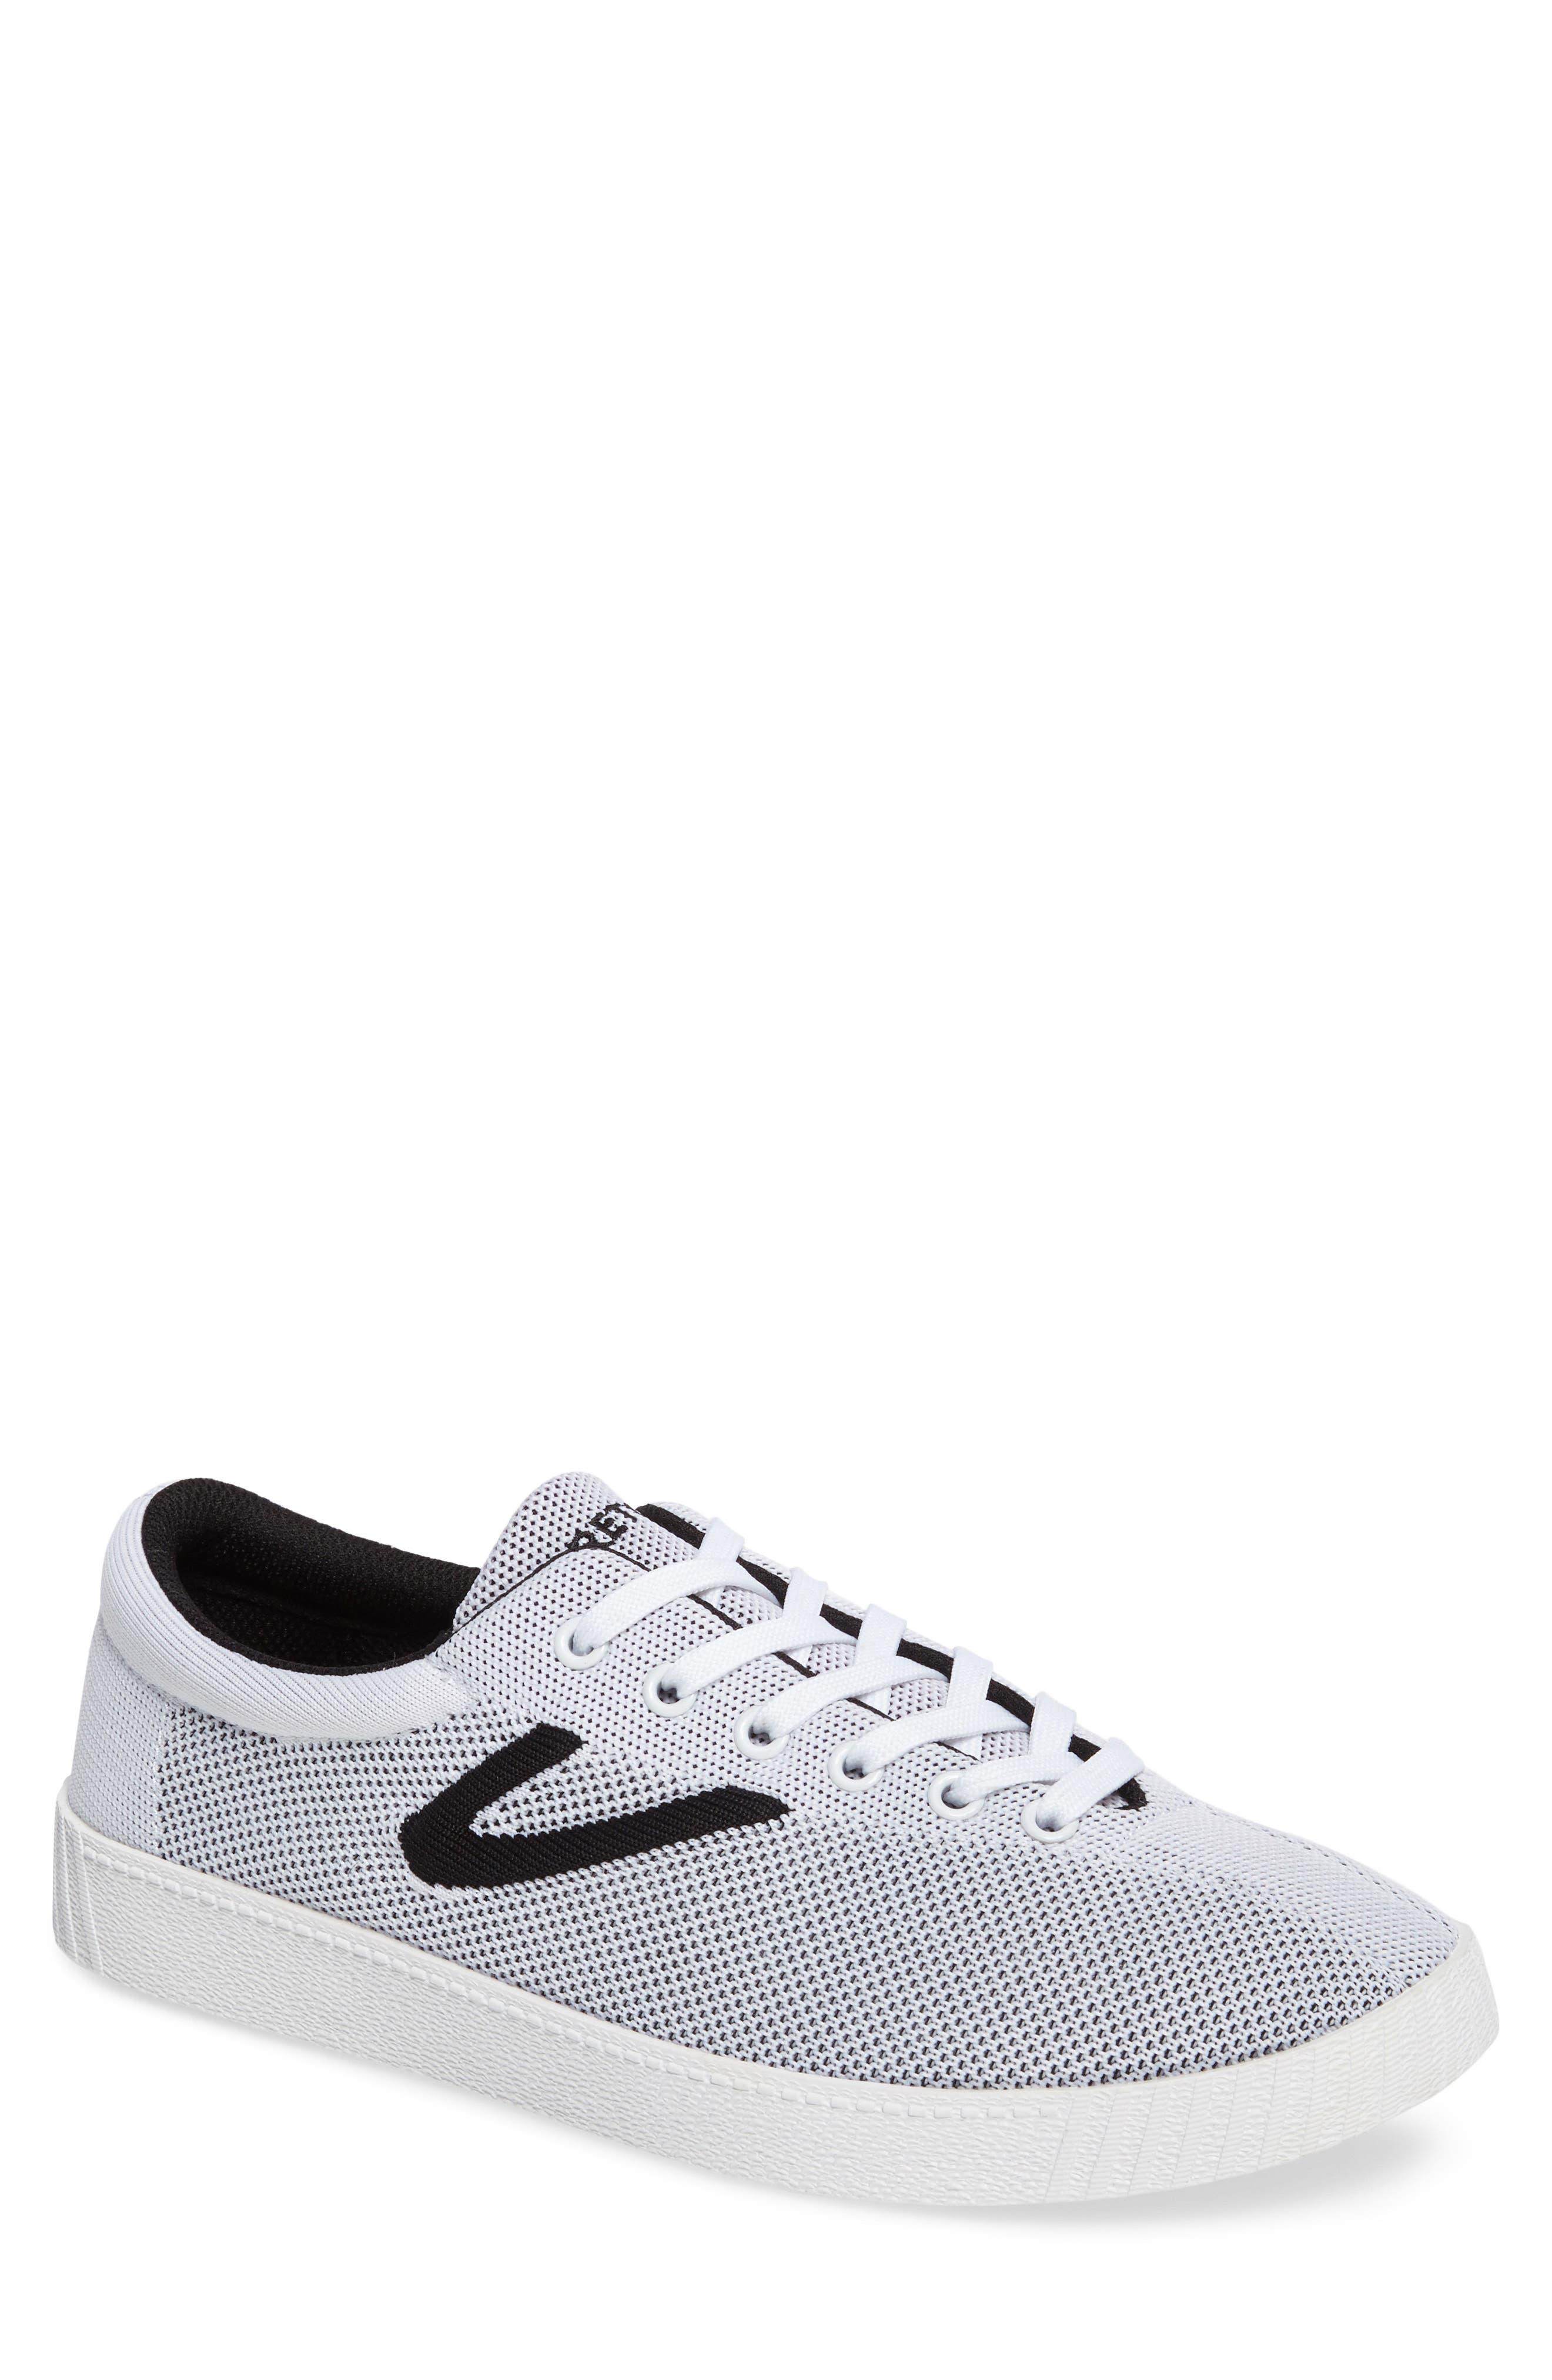 Tretorn Nylite Knit Sneaker (Men)